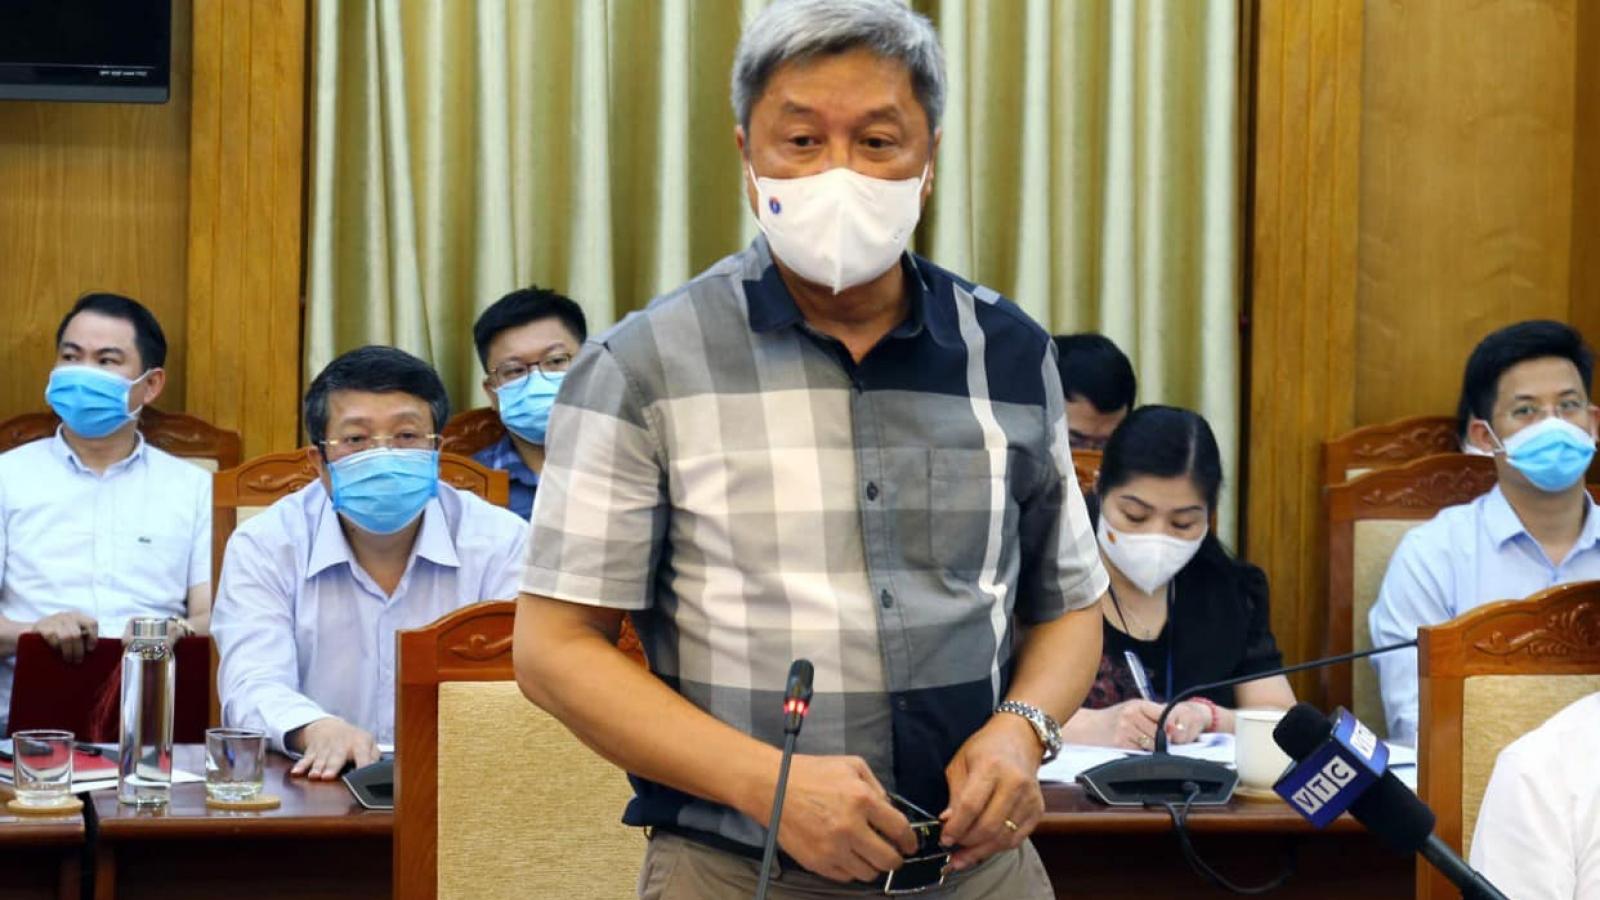 Bộ Y tế điều động 1.000 người hỗ trợ Bắc Giang chống dịch COVID-19